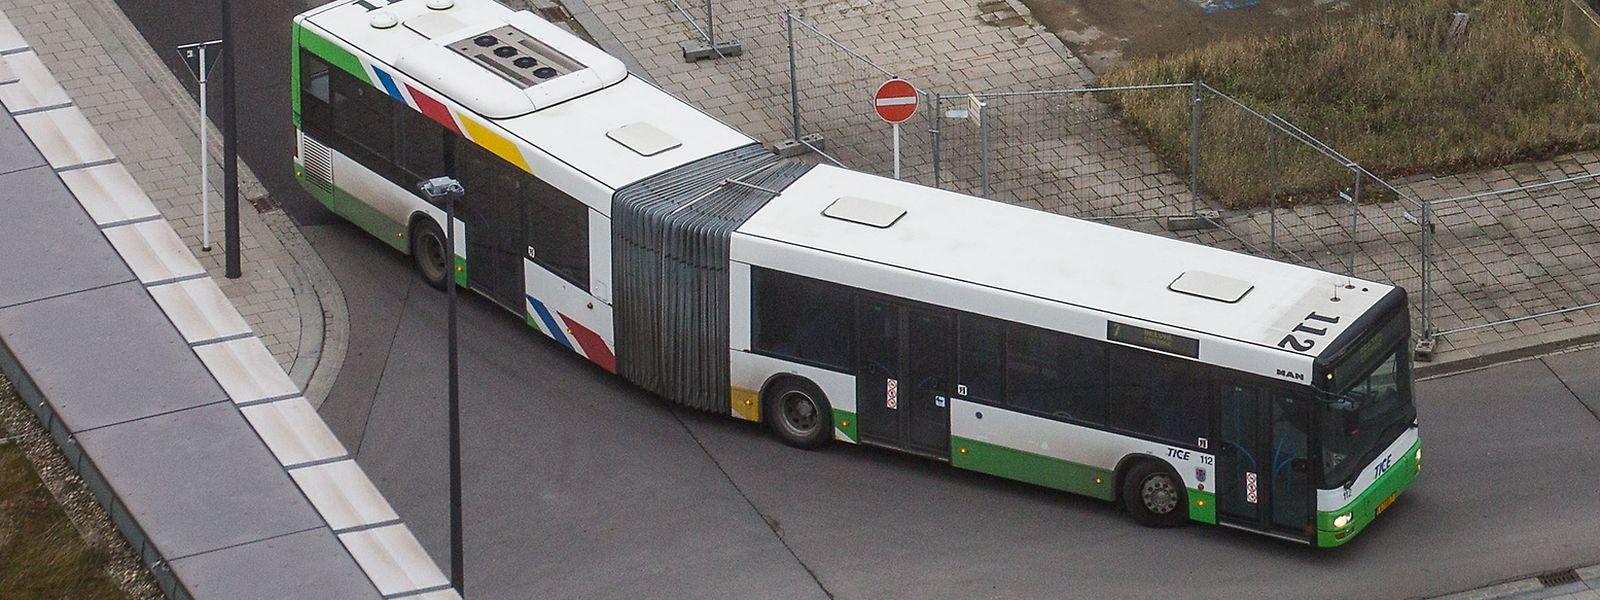 Kommendes Jahr wird der TICE um 18 neue Gelenkbusse erweitert.